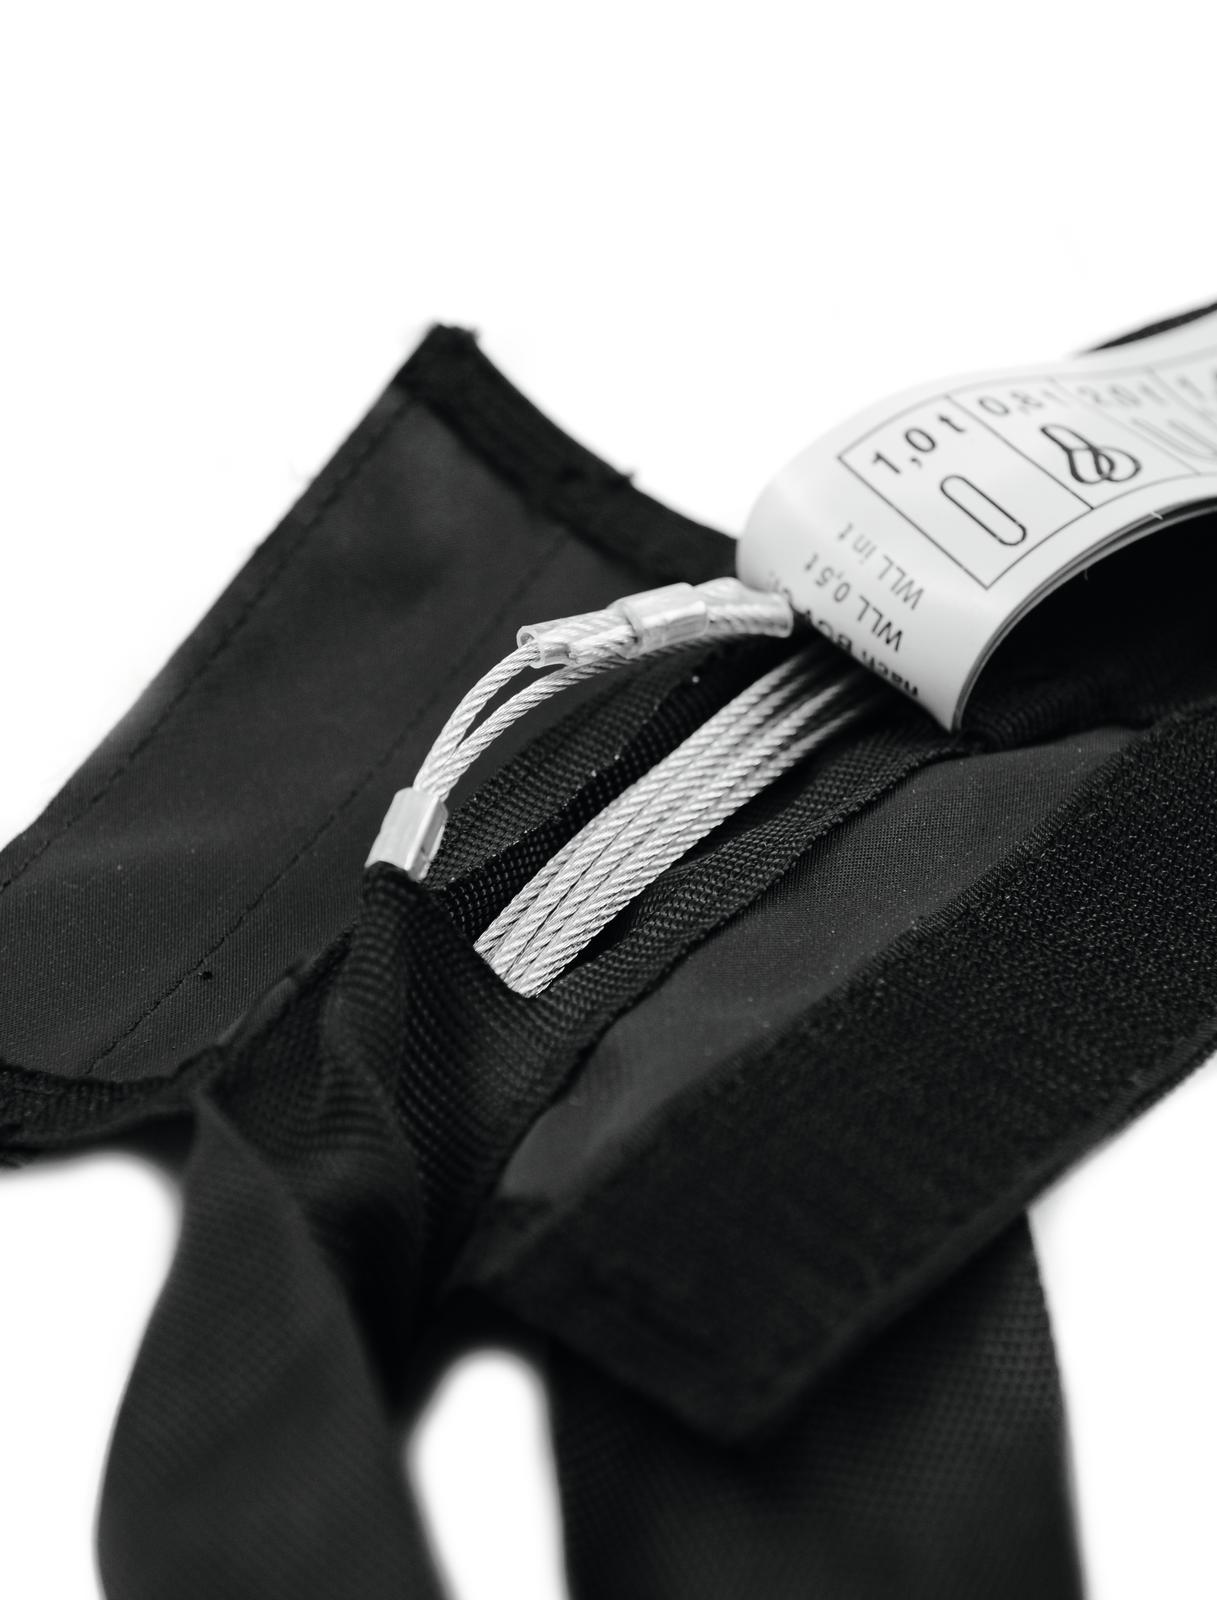 SHZ cinghia ad anello in acciaio con intarsio a 0,5 m/1000KG